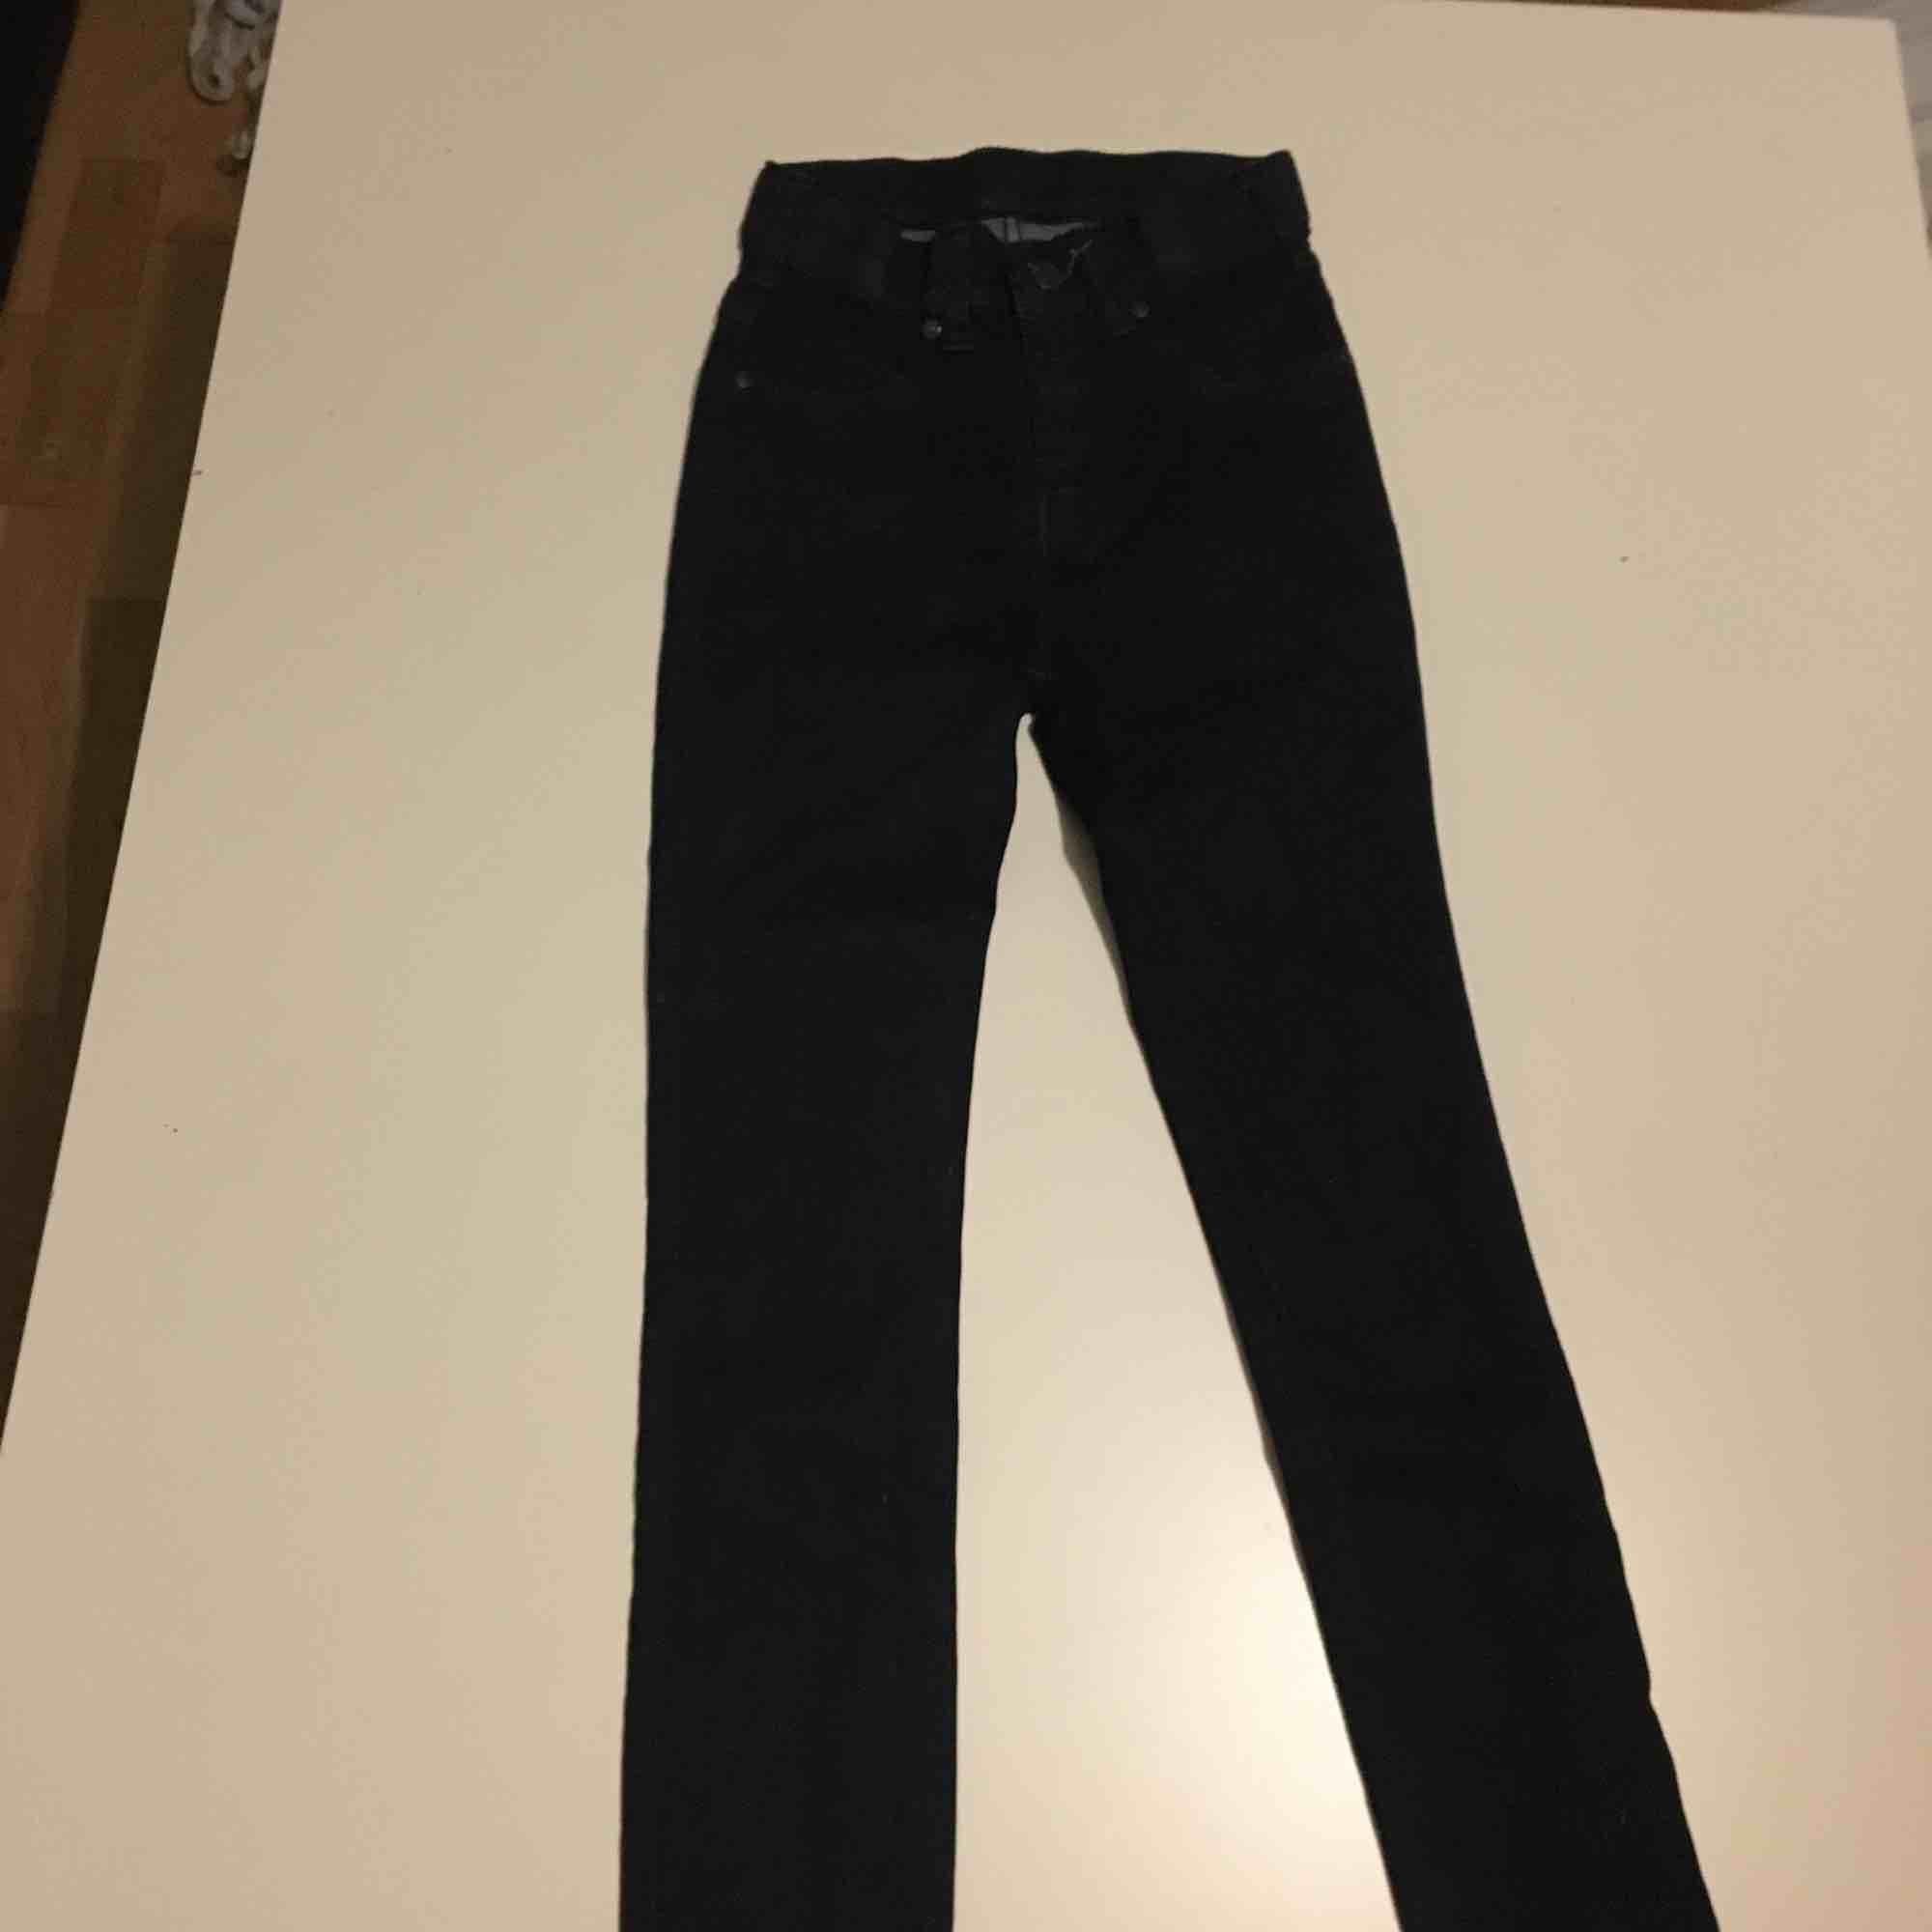 Jeans från Dr denim (mörkblåa). Jeans & Byxor.